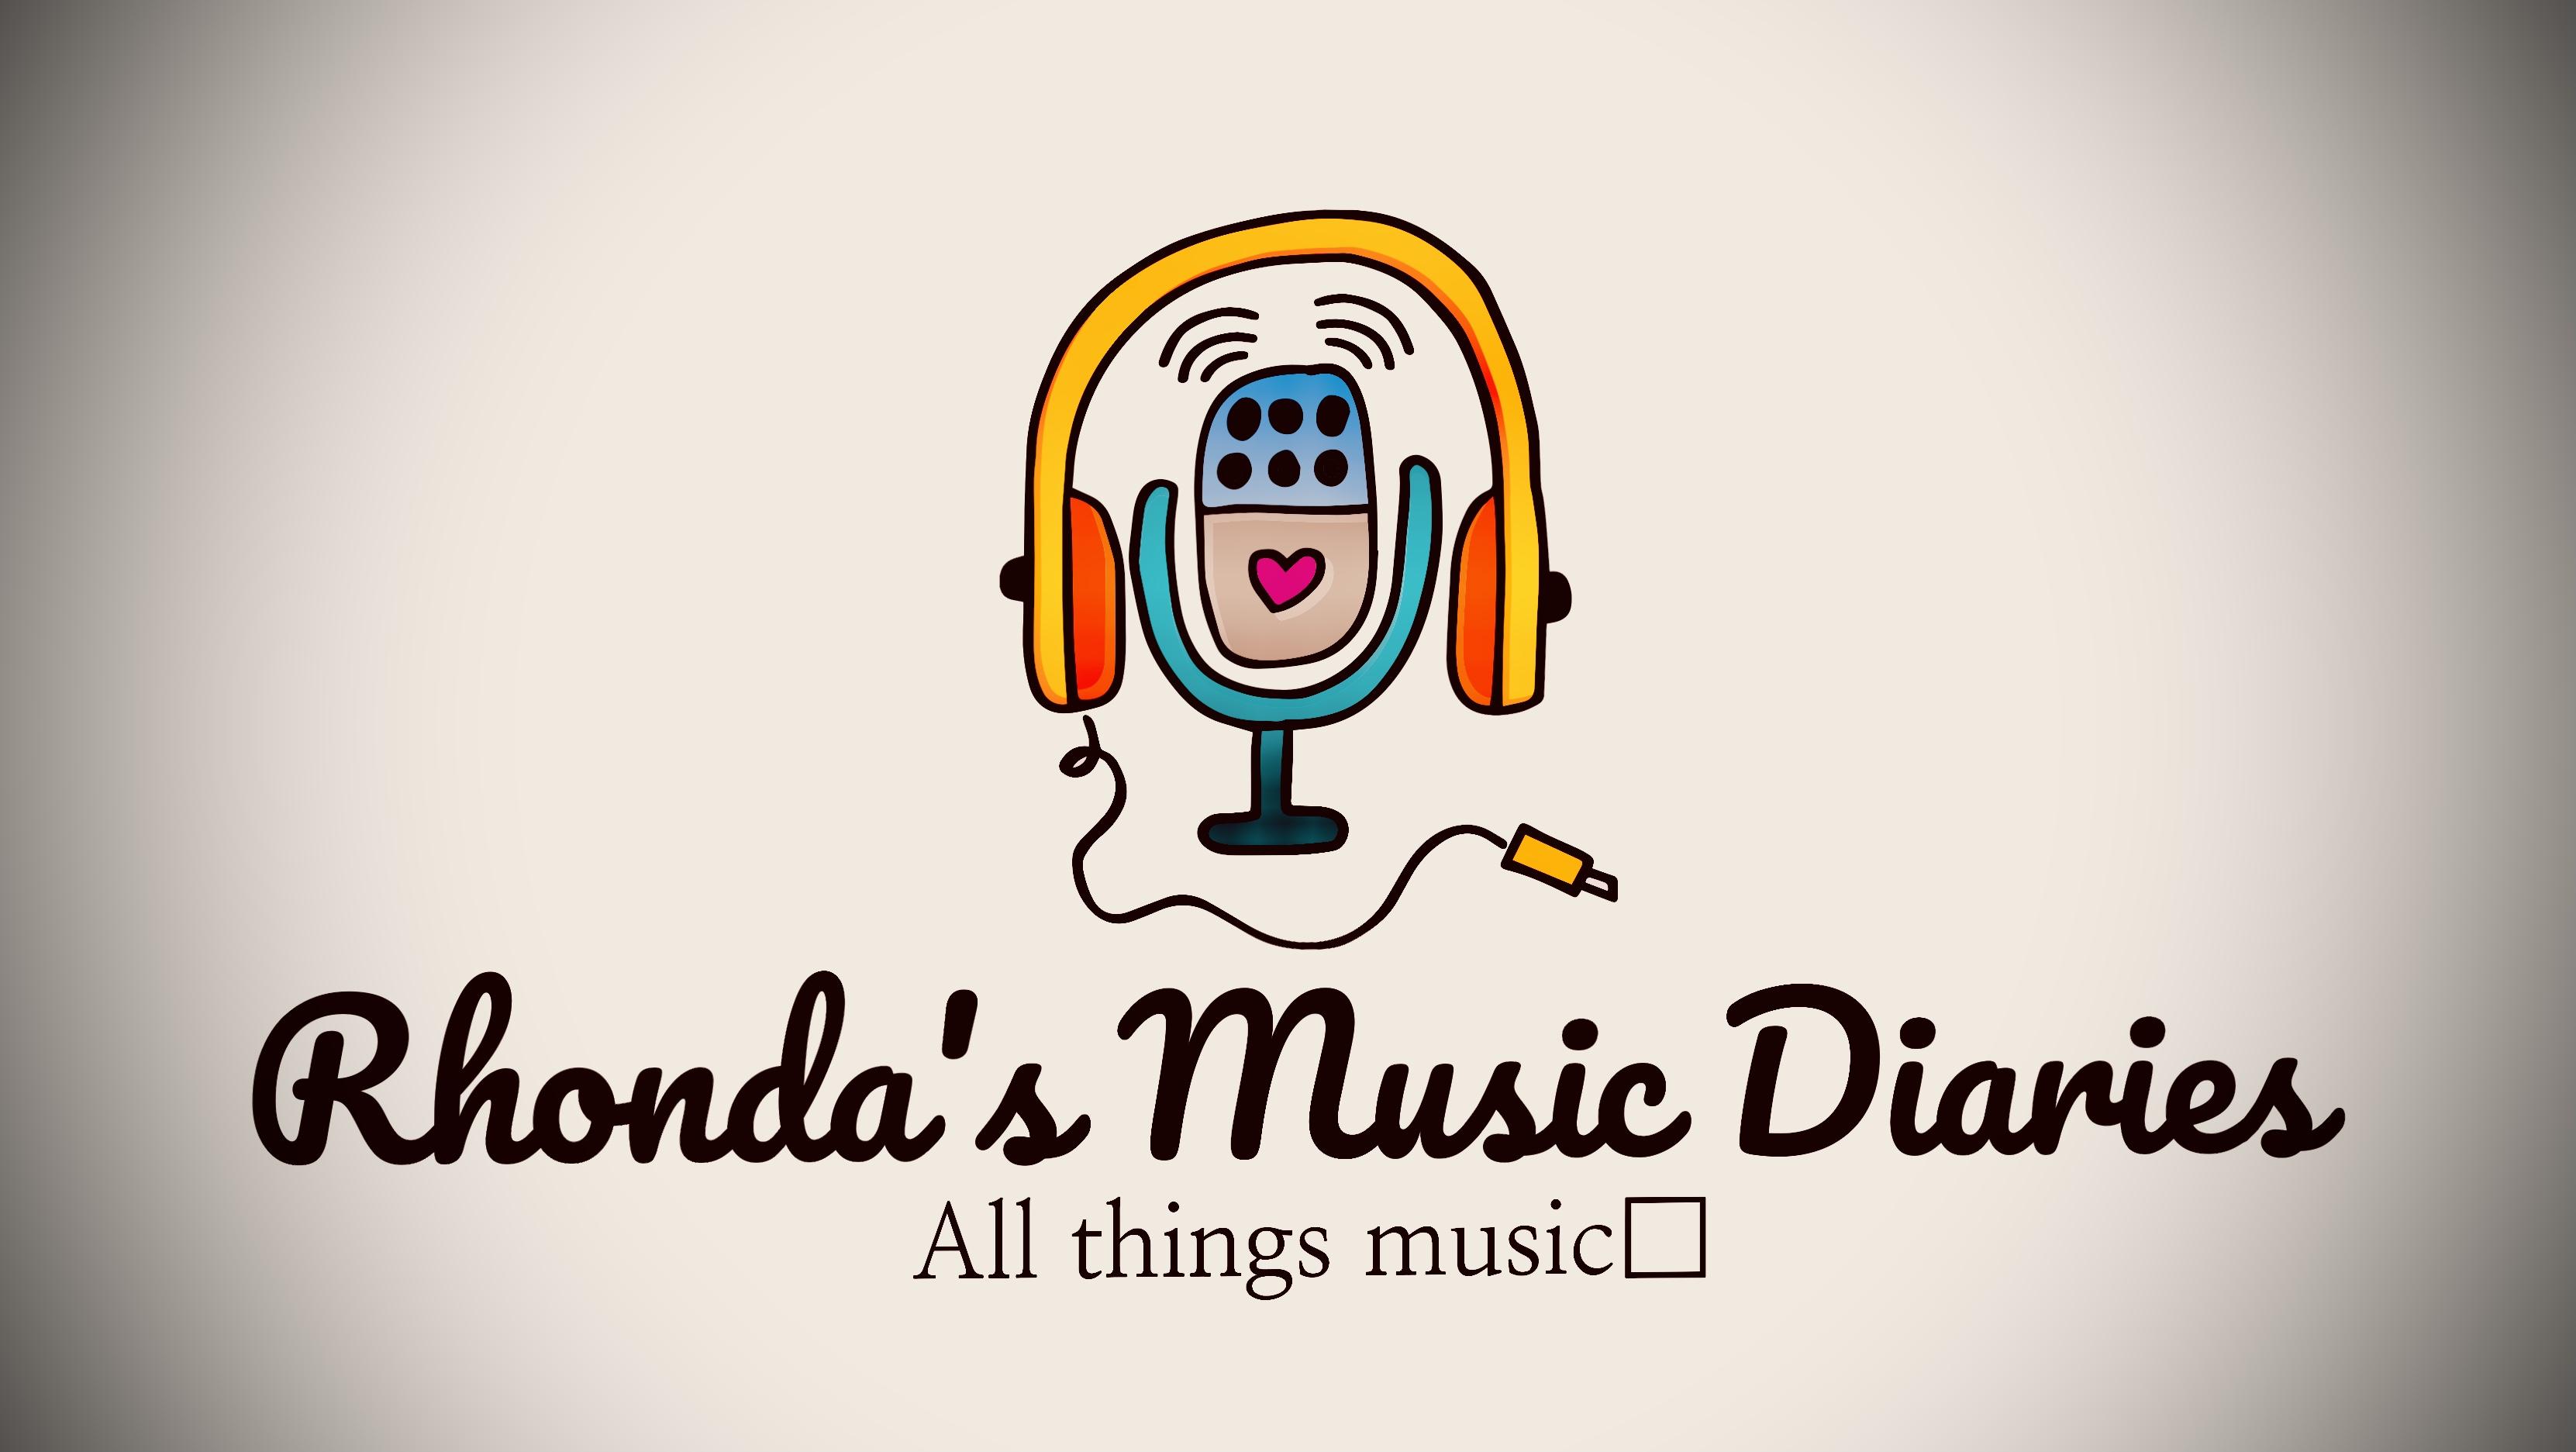 Rhonda's music diaries